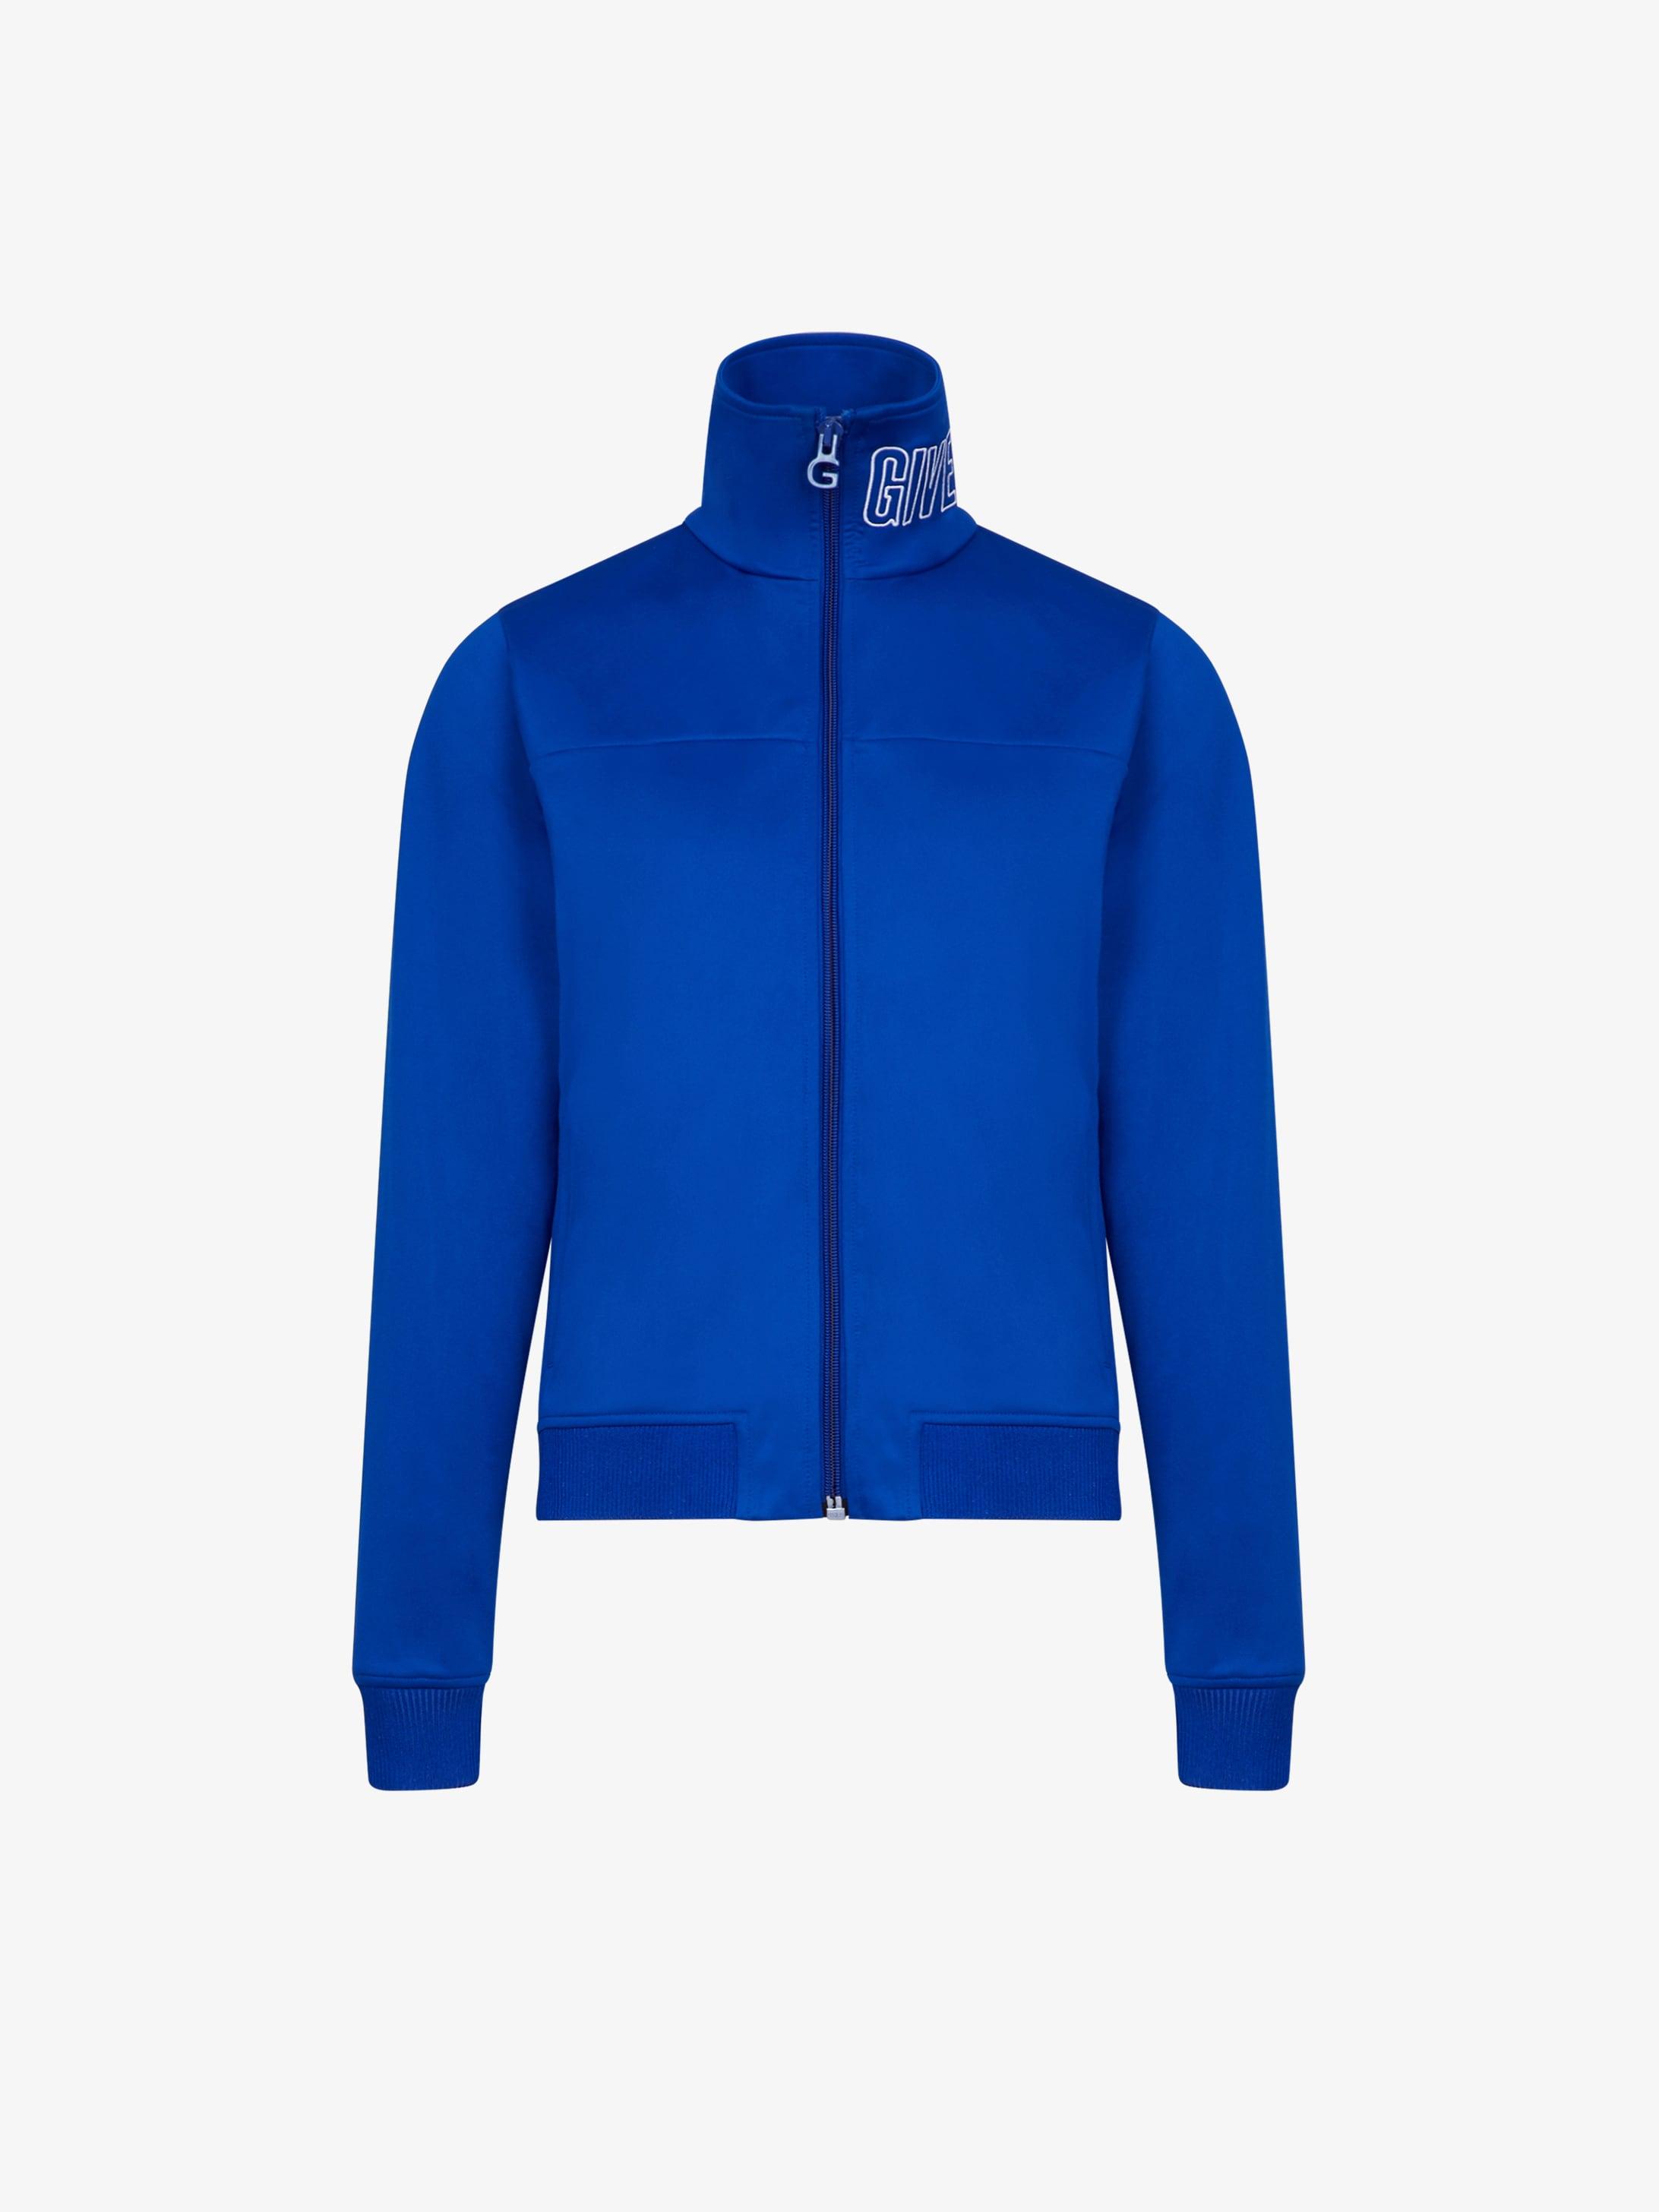 GIVENCHY PARIS high collar jacket